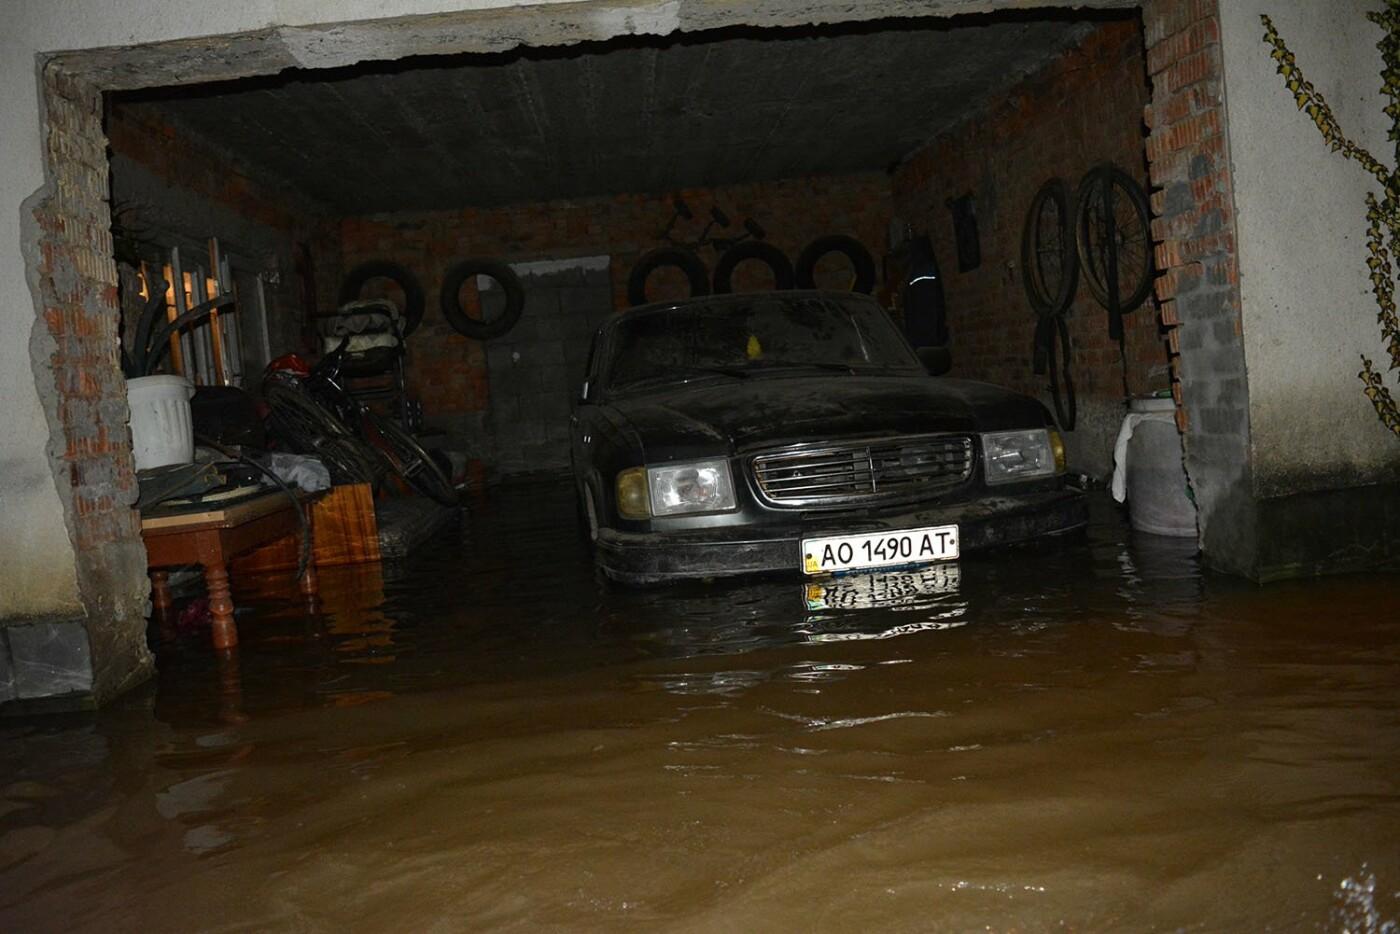 Ситуація стабілізувалася: на Закарпатті човнами евакуювали людей, постраждалих від паводку (ФОТО, ВІДЕО), фото-7